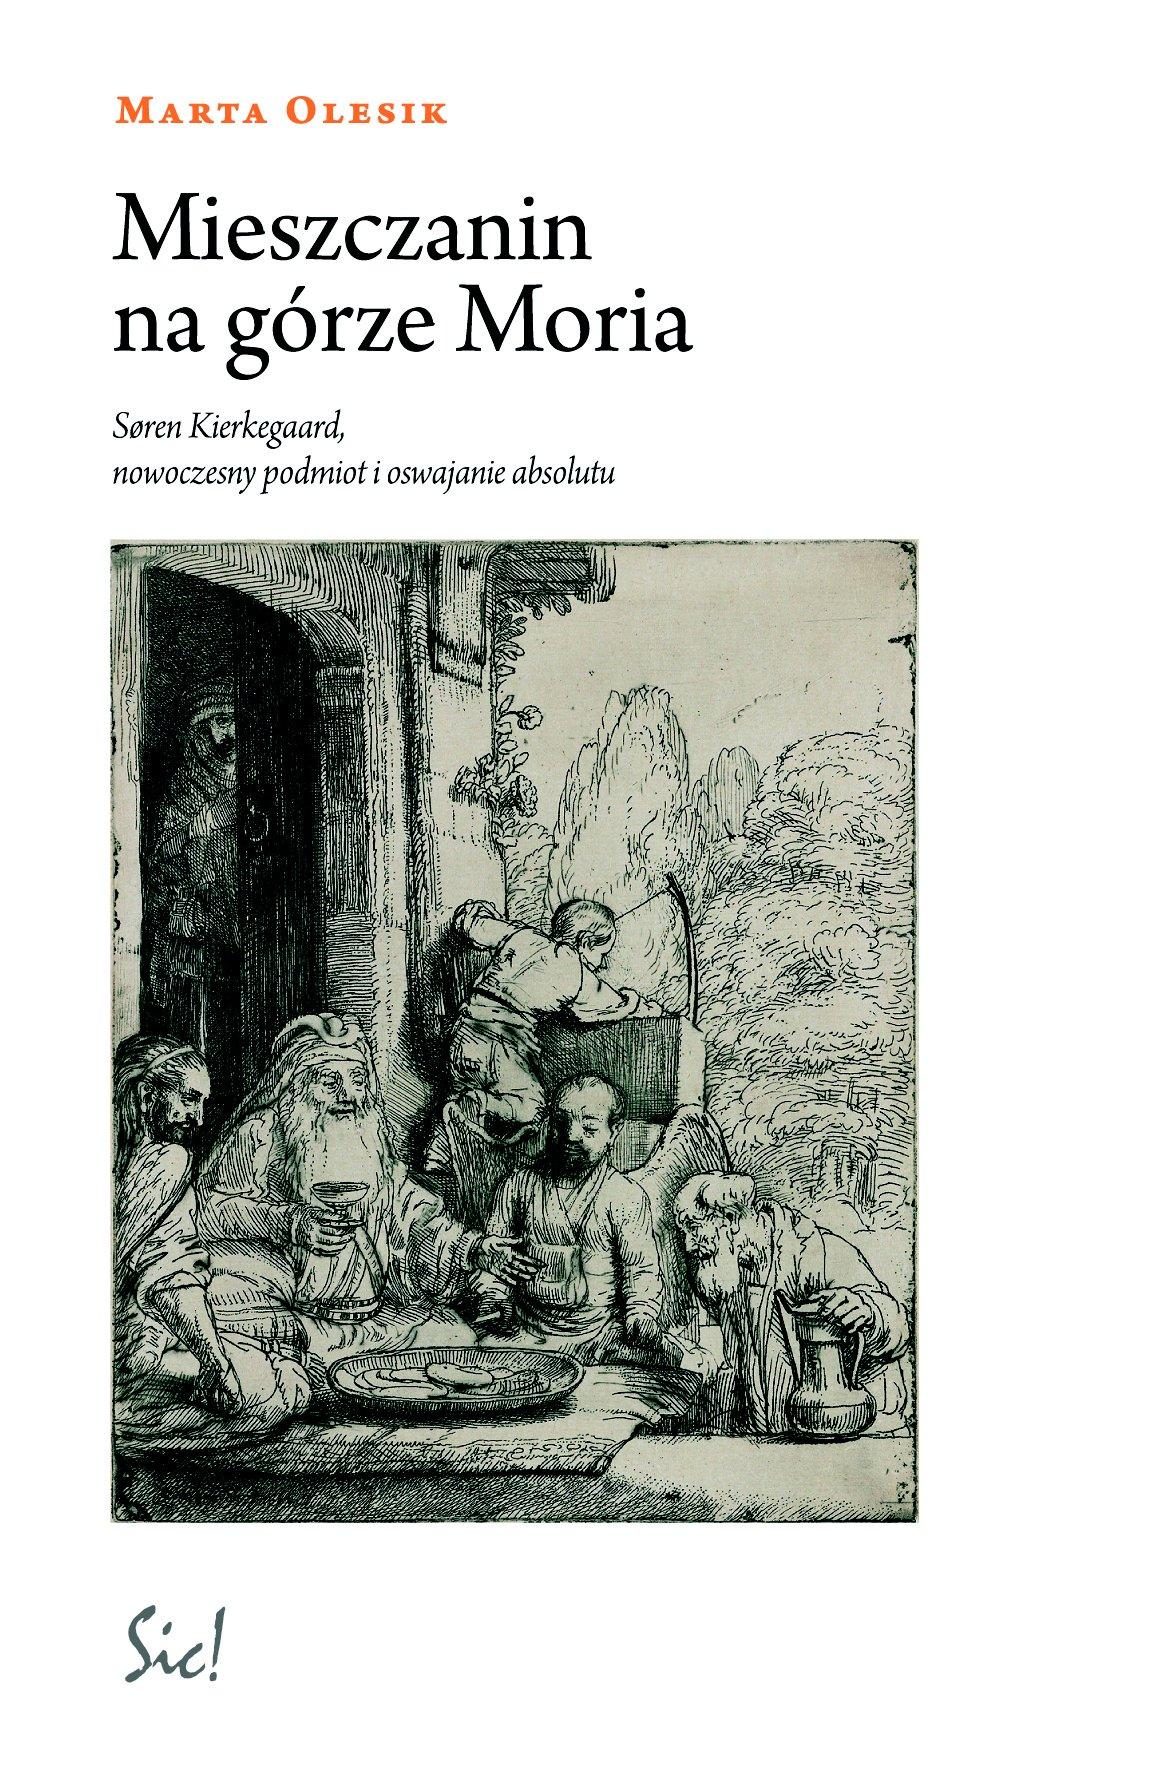 Mieszczanin na górze Moria. Søren Kierkegaard, nowoczesny podmiot i oswajanie absolutu - Ebook (Książka EPUB) do pobrania w formacie EPUB